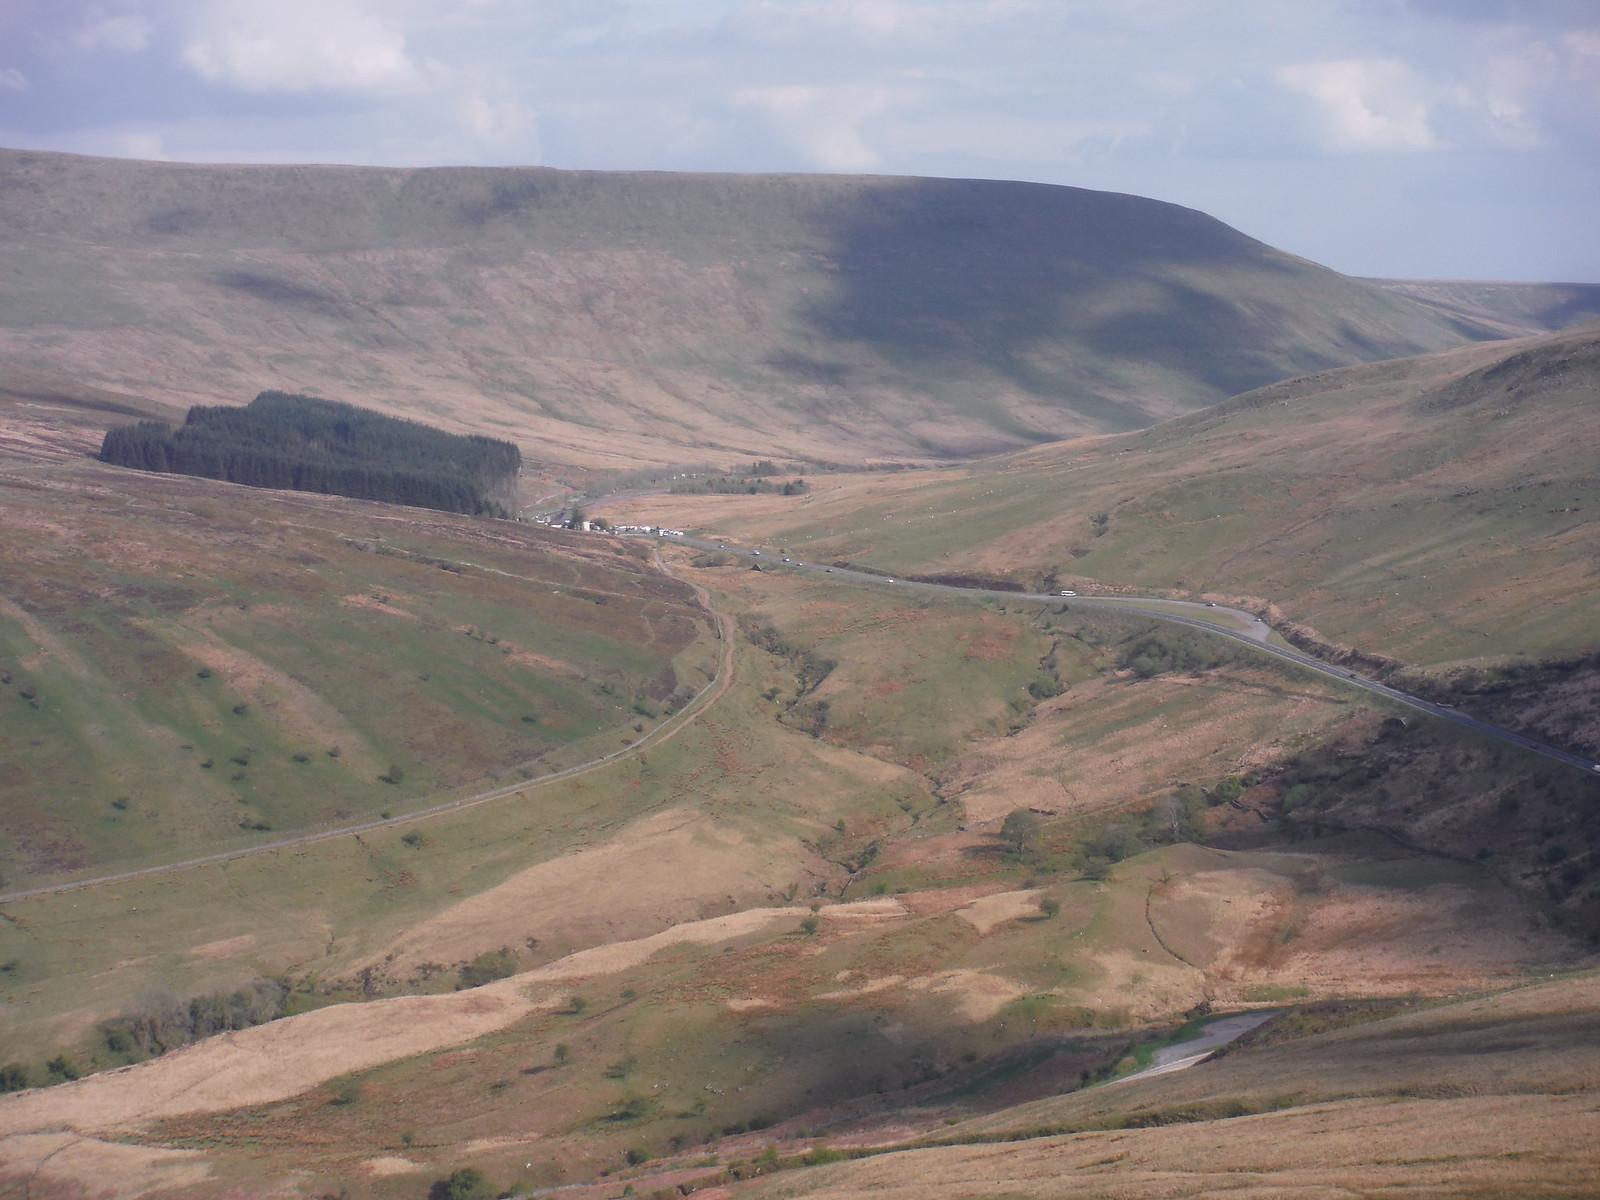 Storey Arms Centre from Craig y Fro SWC Walk 307 - Fforest Fawr Traverse (Craig y Nos to Llwyn-y-celyn) [Storey Arms Ending]